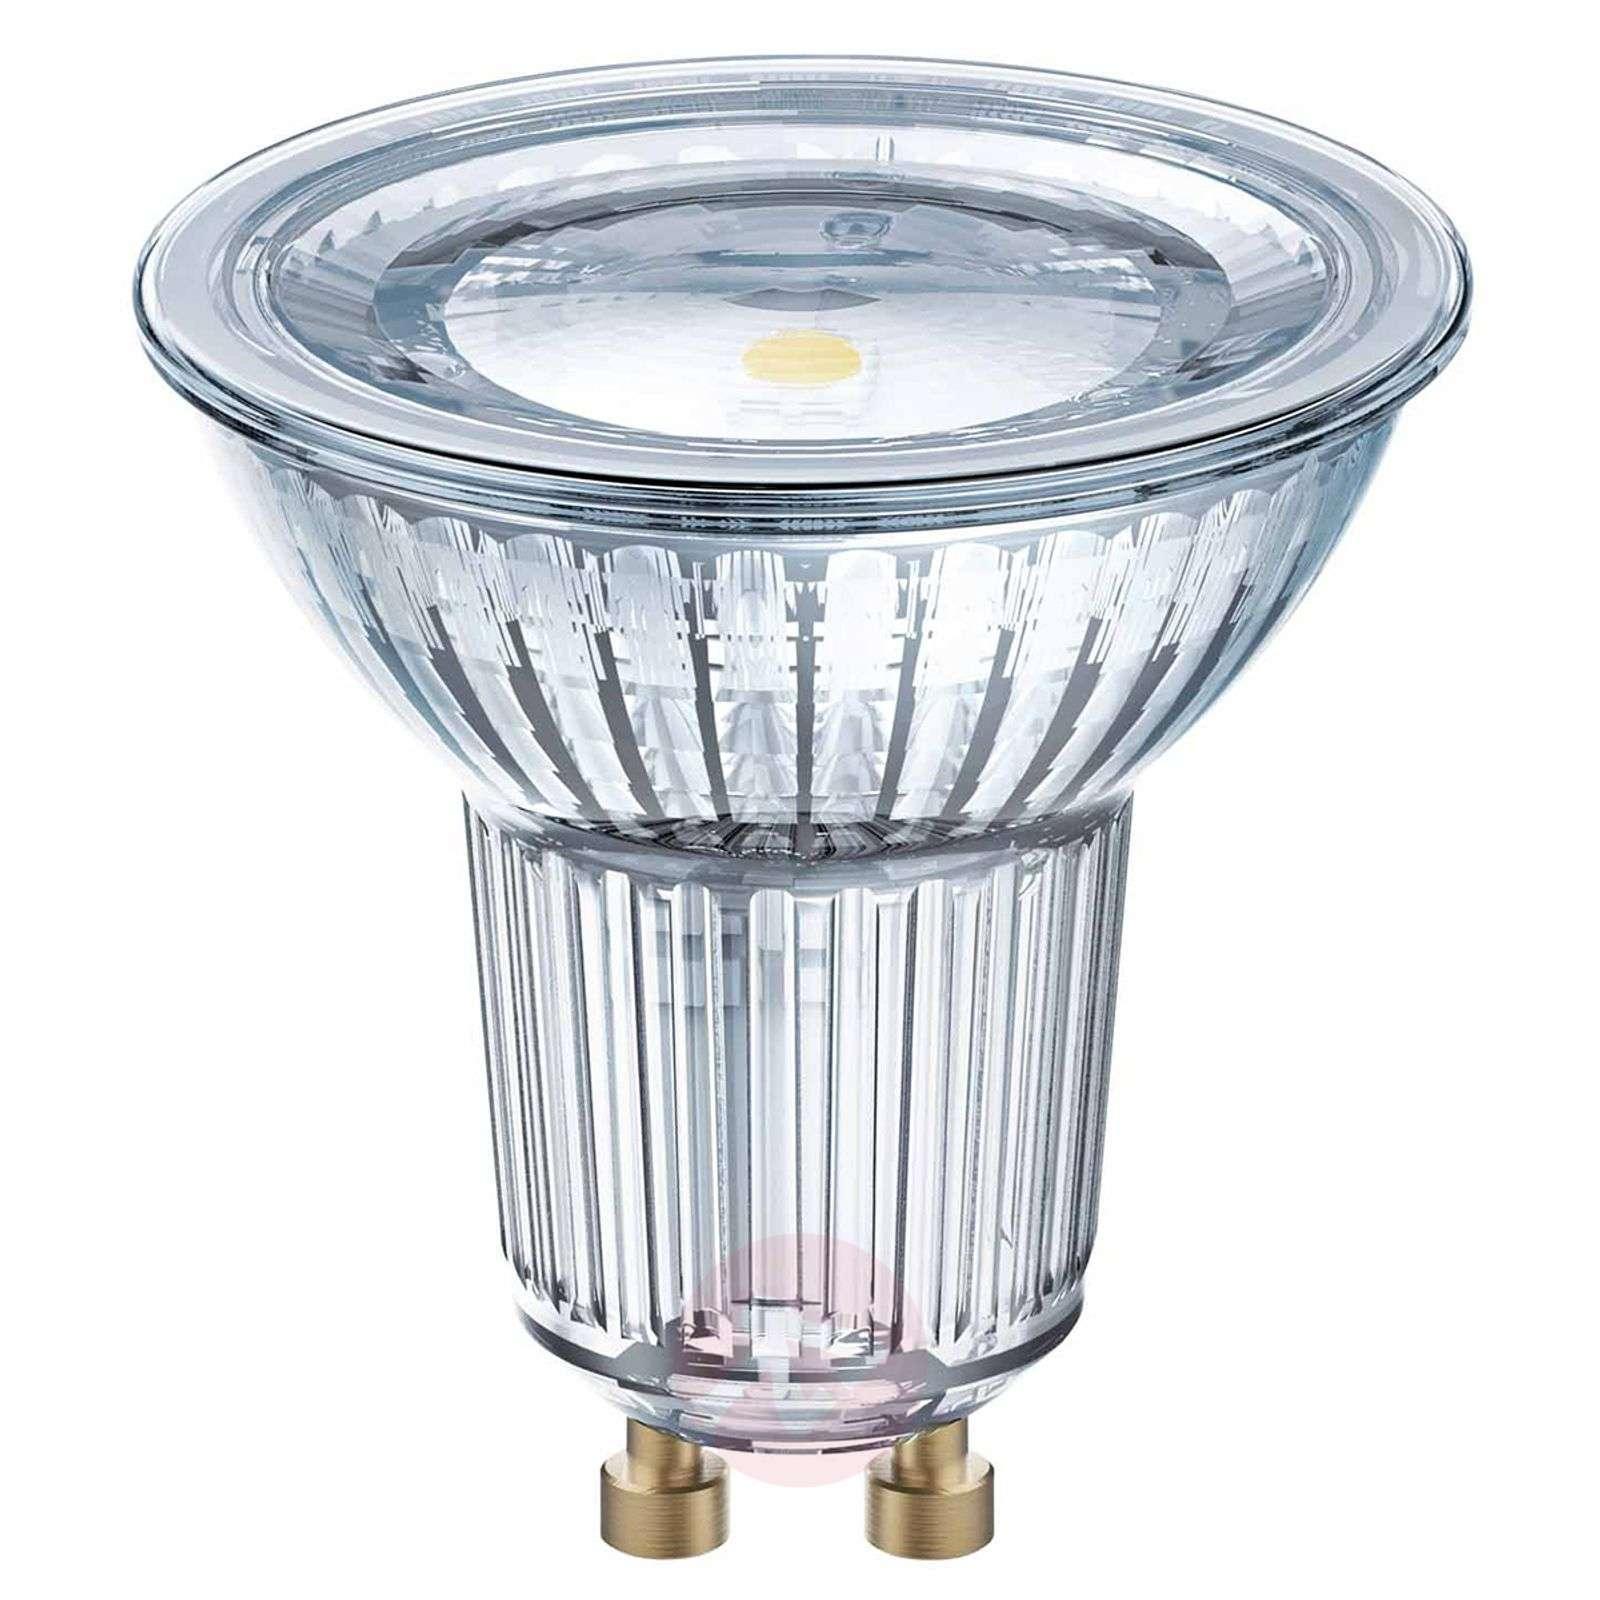 GU10 4,3W 827 LED-lasiheijastinlamppu Star 120degree-7260840-01